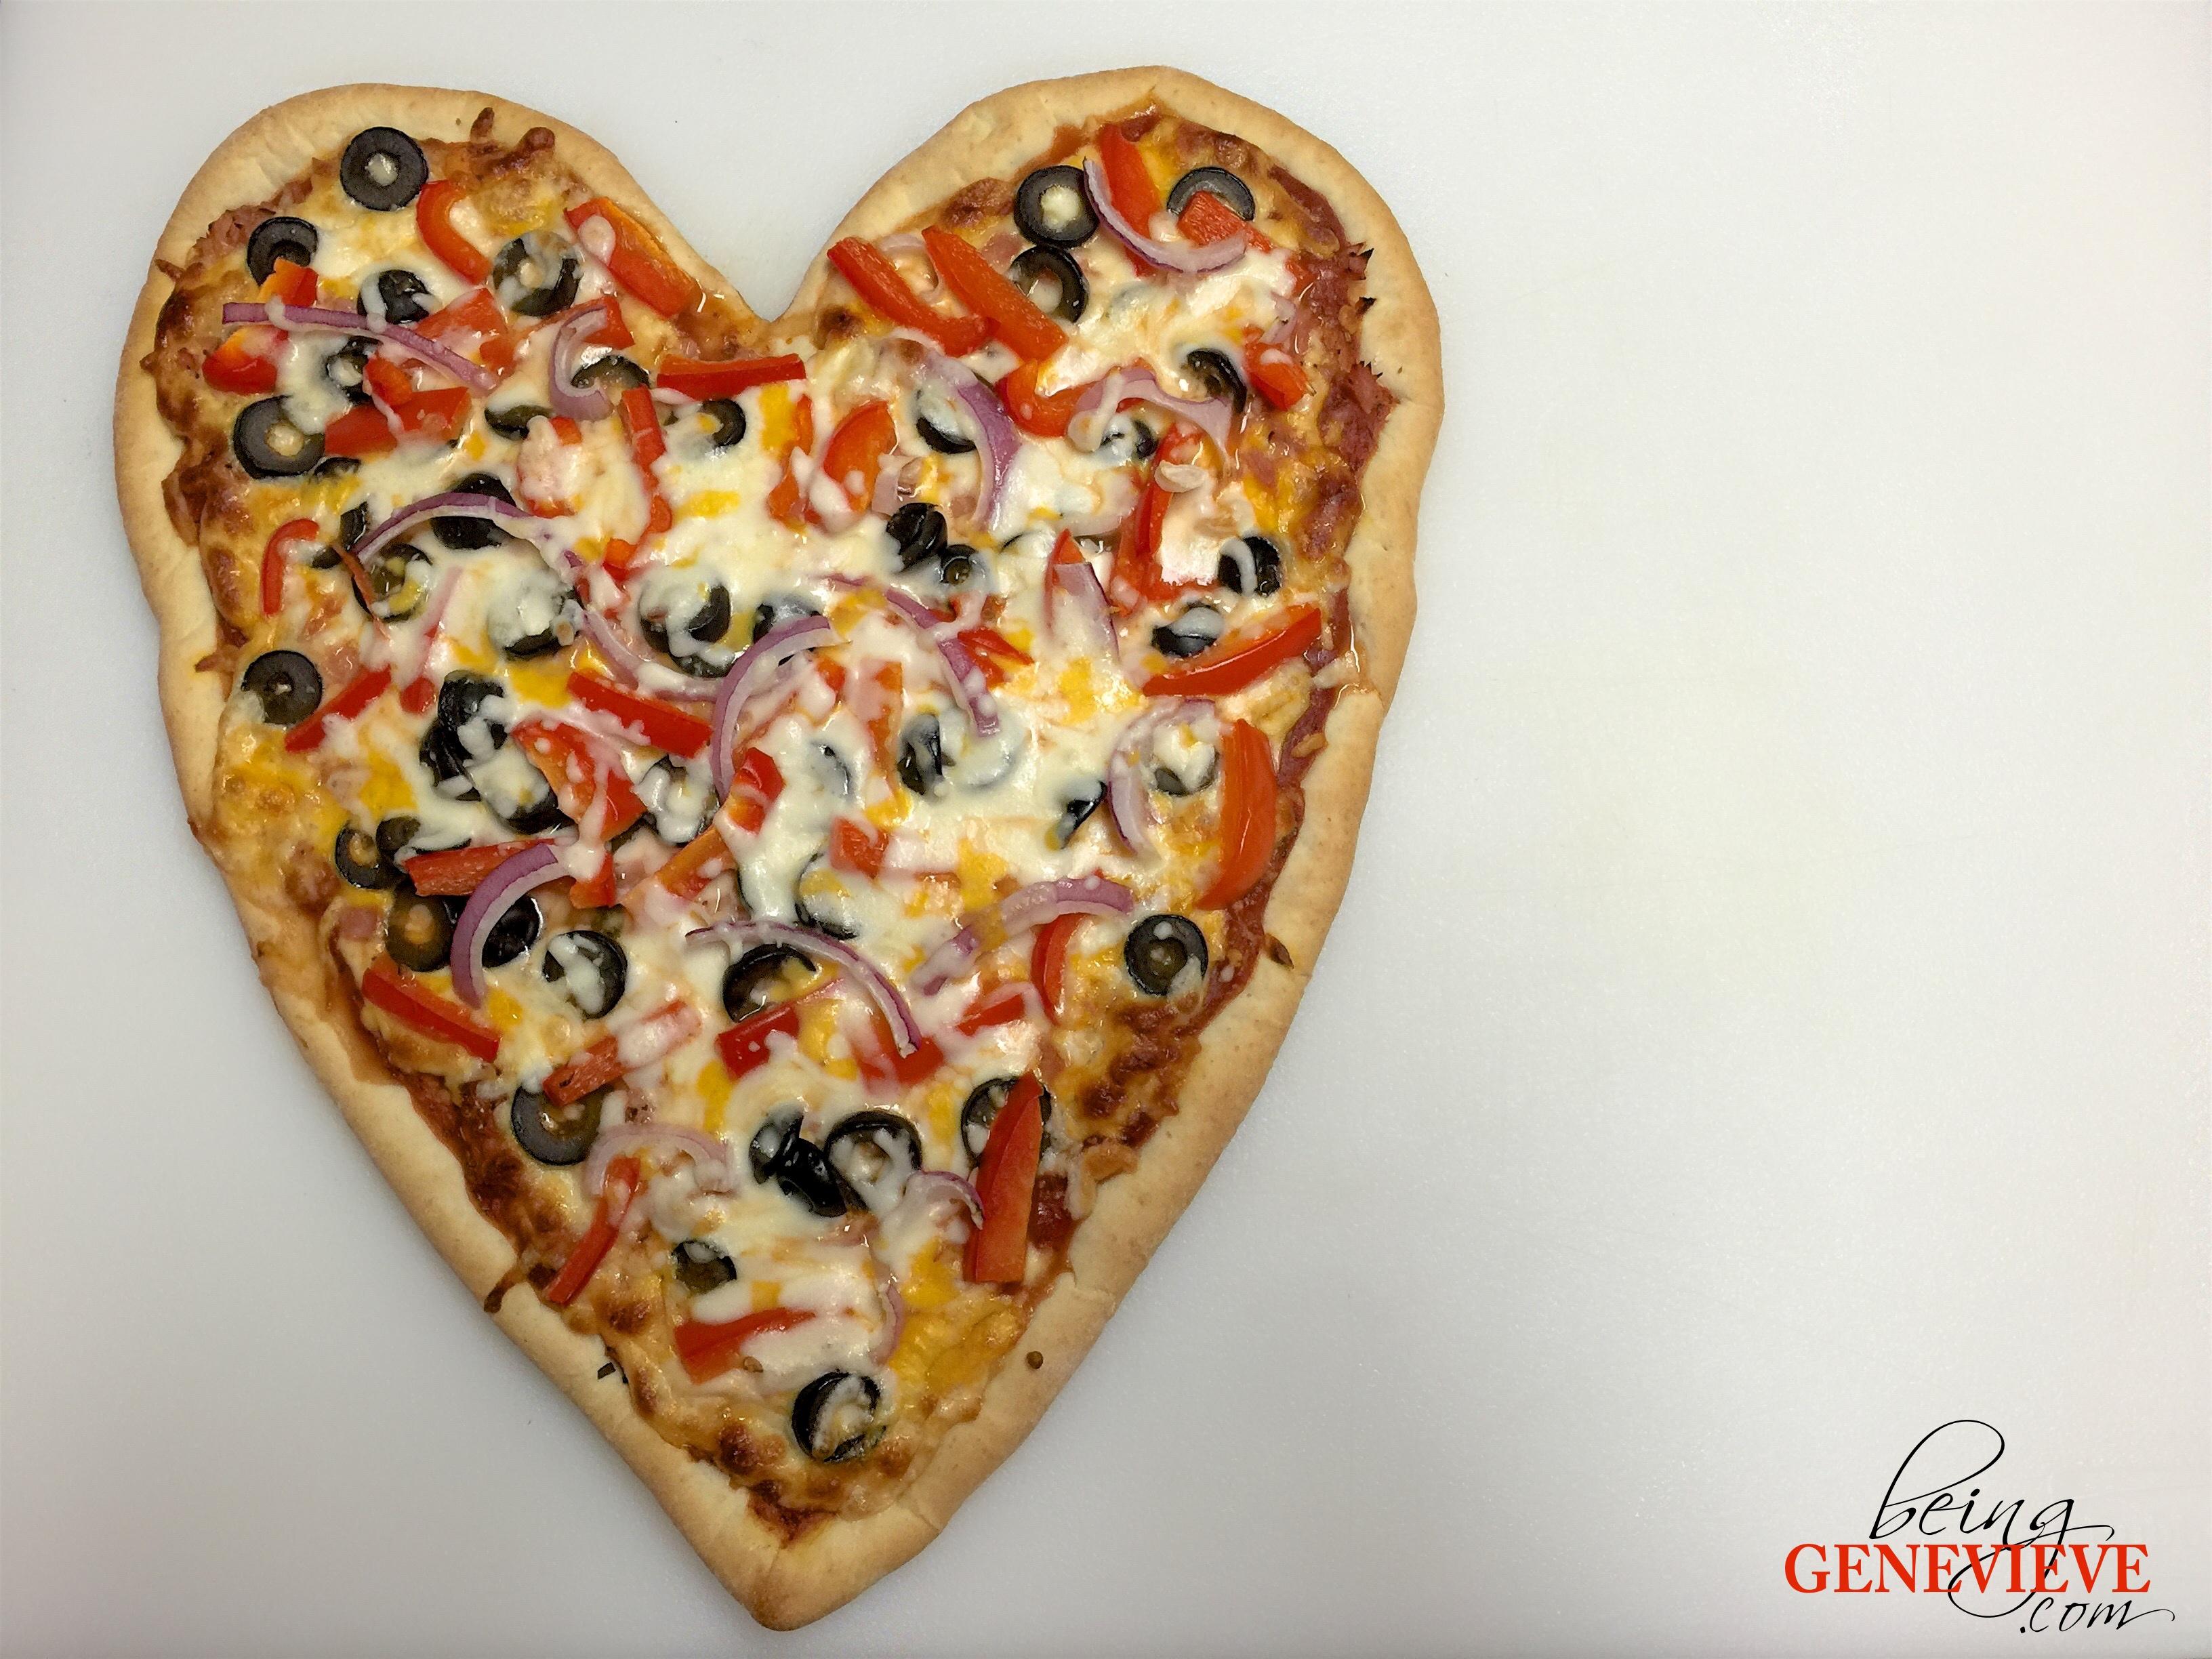 Heart Pizza